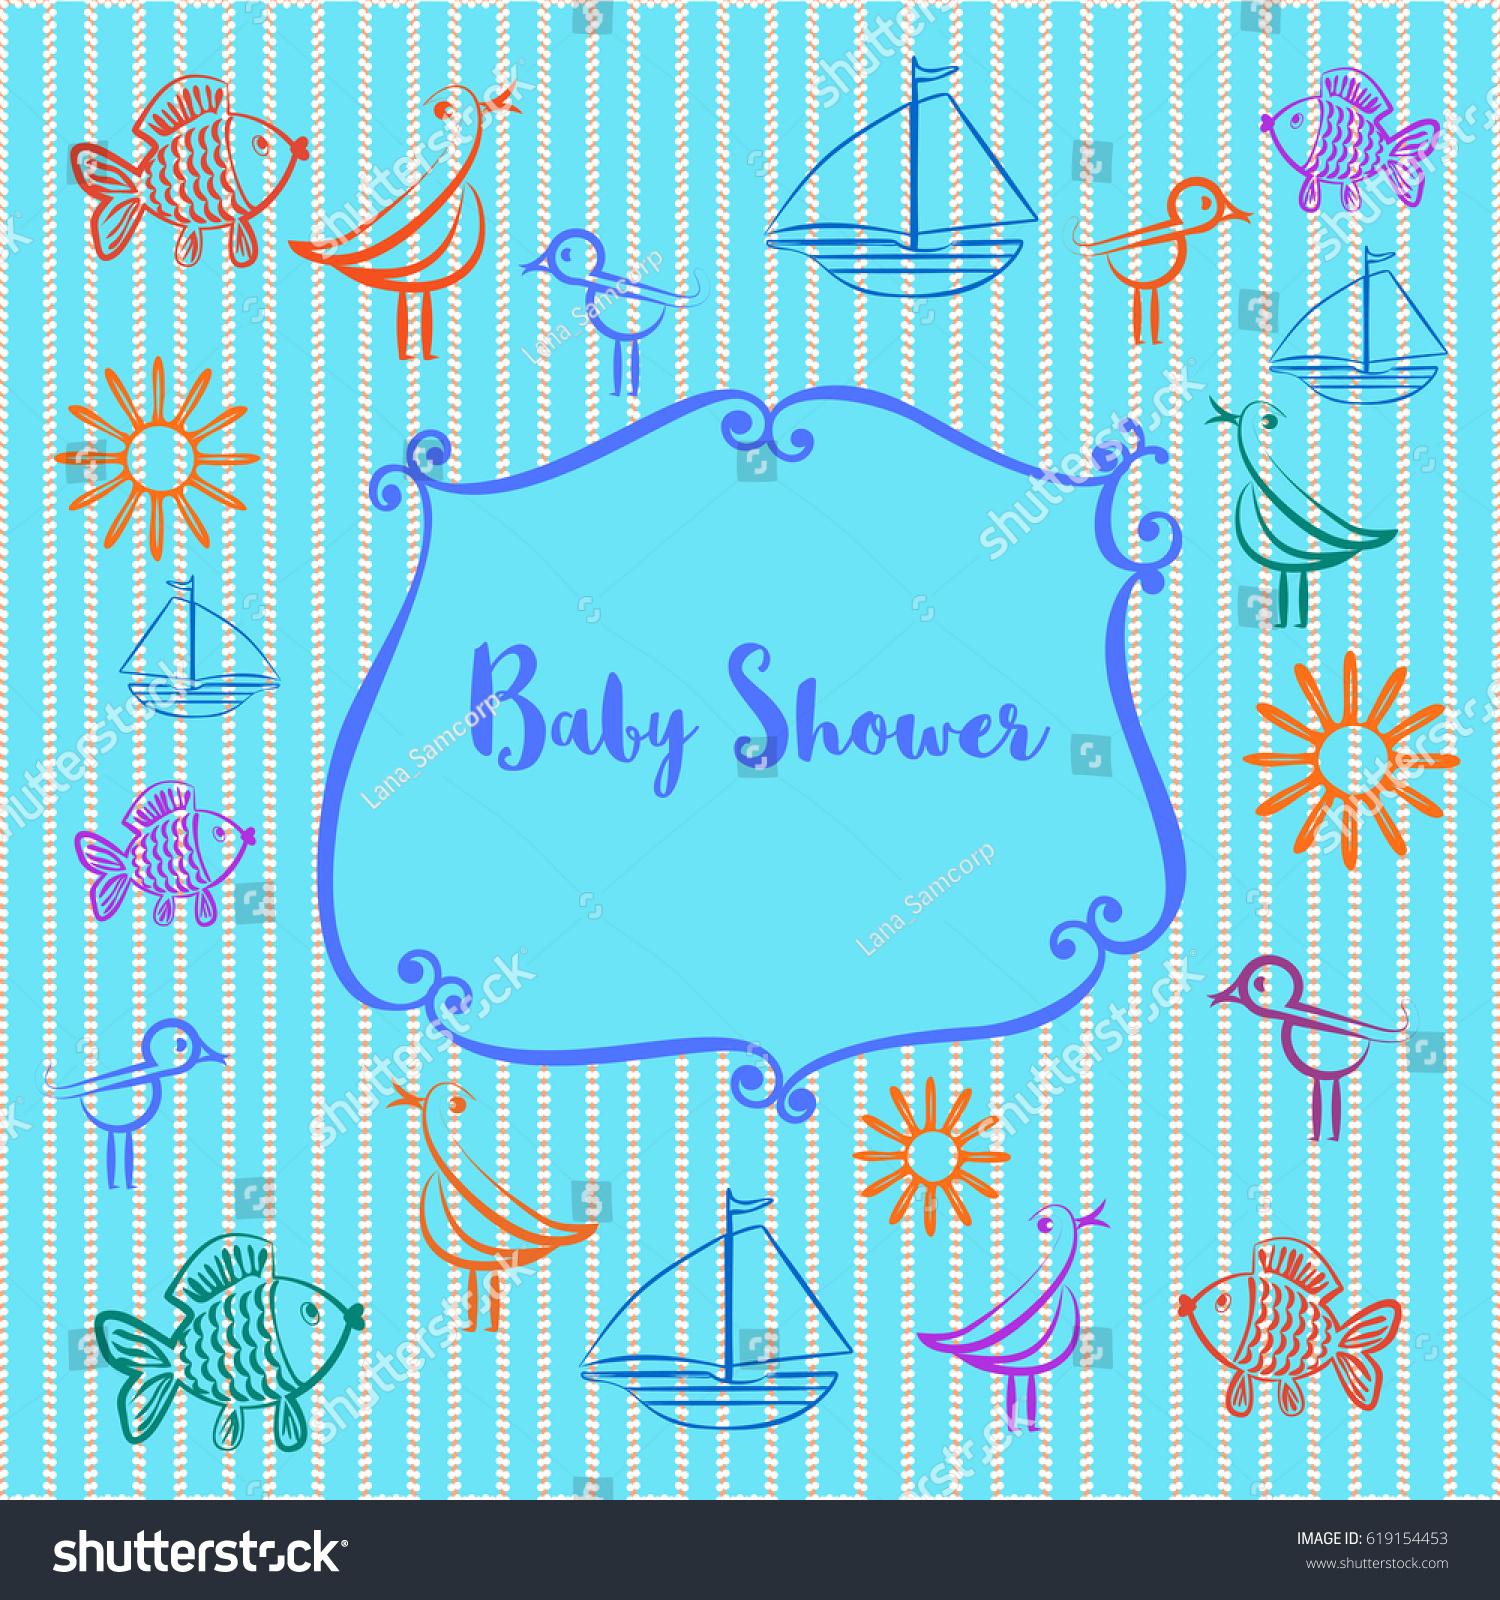 Baby Photo Album Baby Boy Shower Stock Illustration 619154453 ...